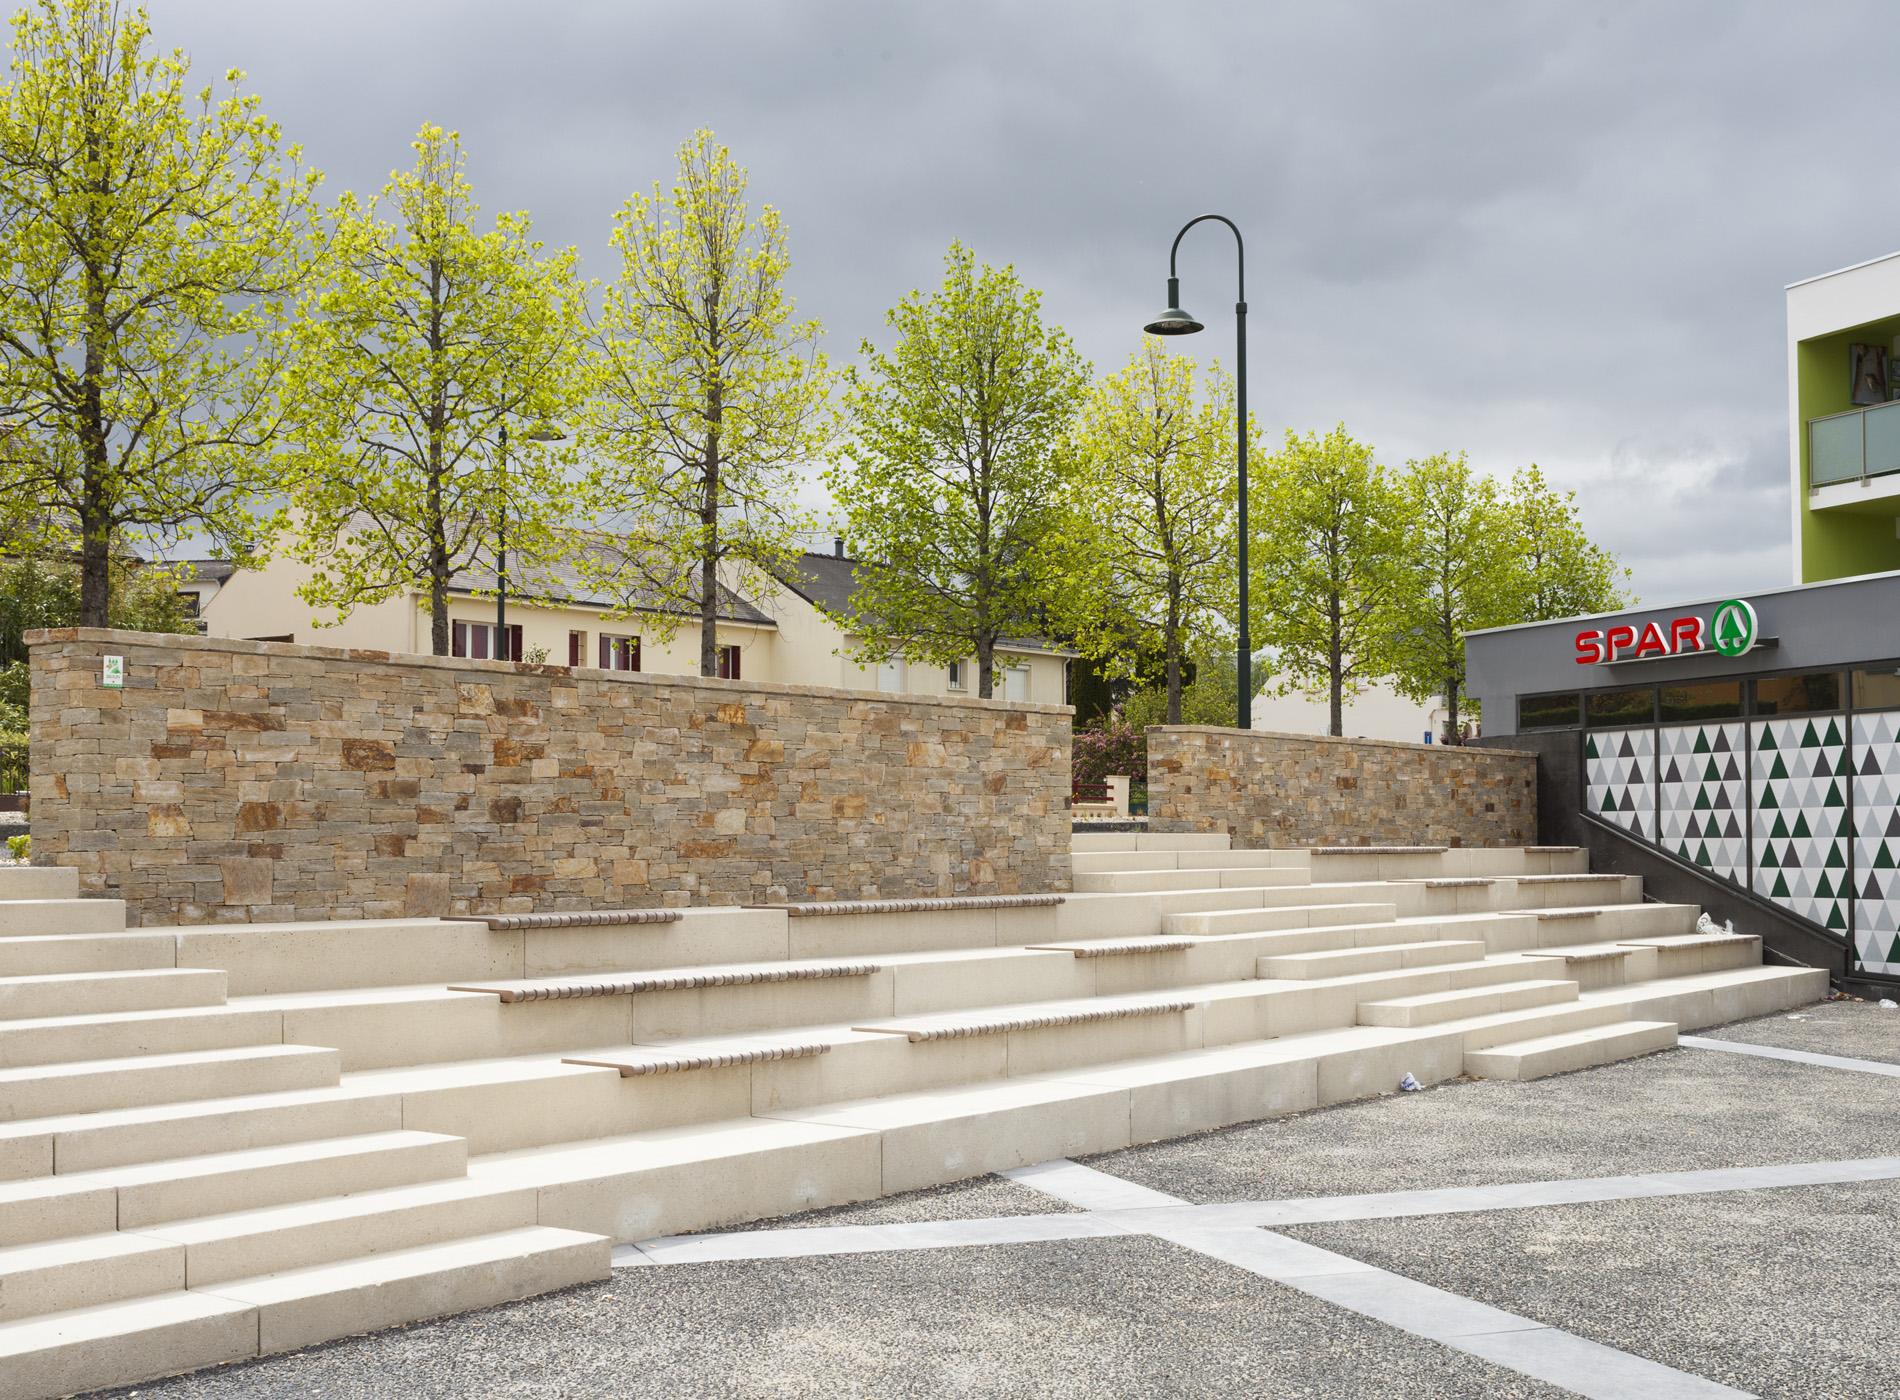 Programmation urbaine – Aménagement des espaces publics - Vallon des Garettes à Orvault - Photo 2 - Cap Urbain, agence de programmation urbaine et architecturale à Nantes